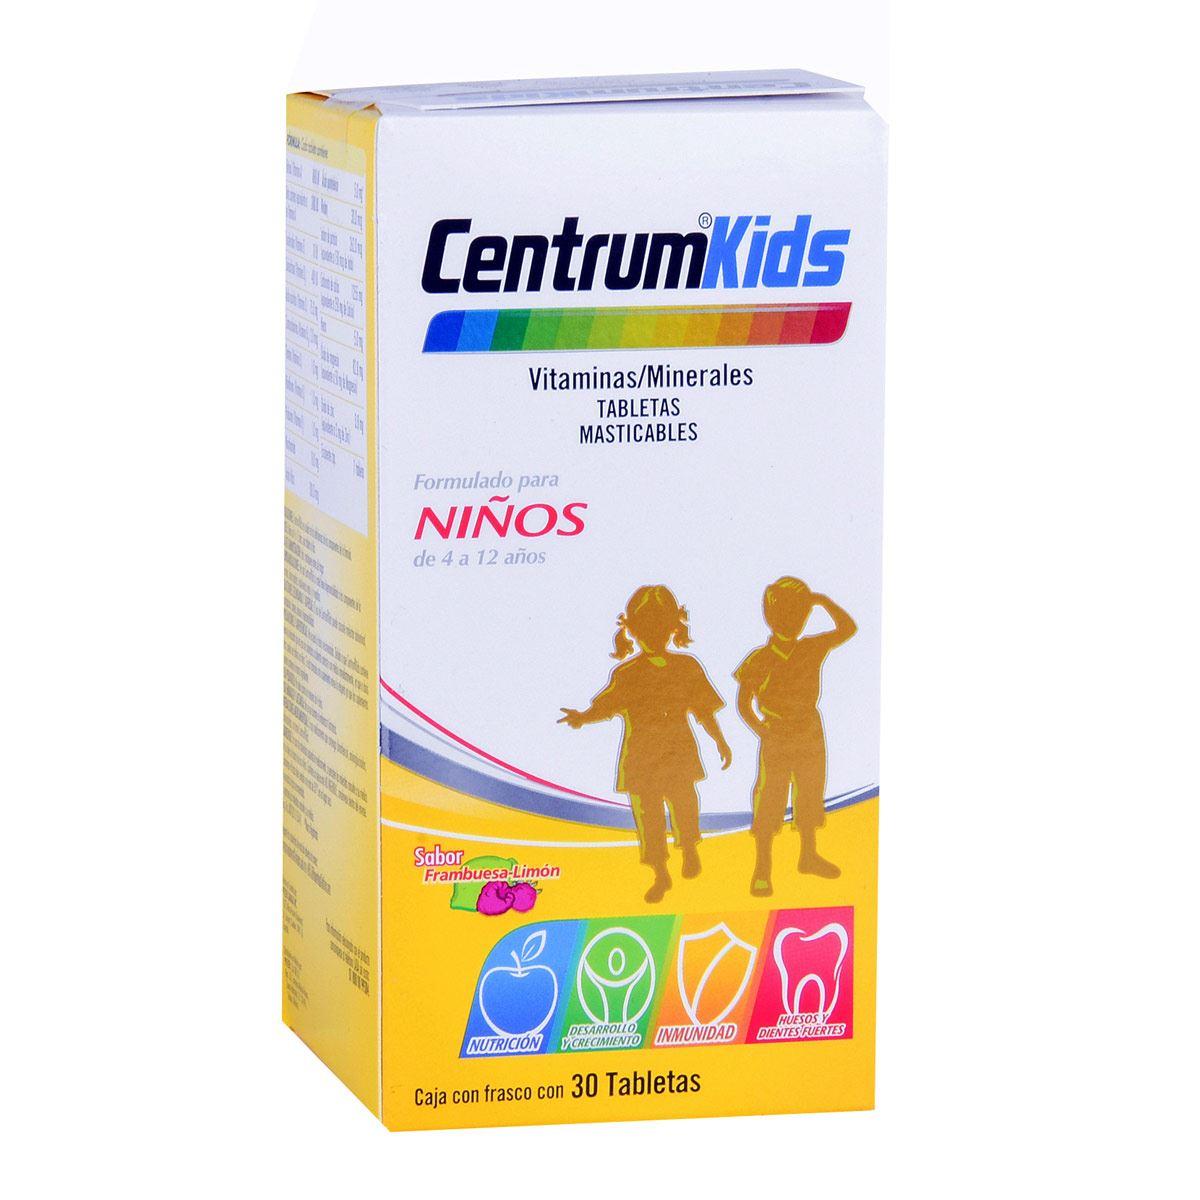 Centrum Kids Masticables